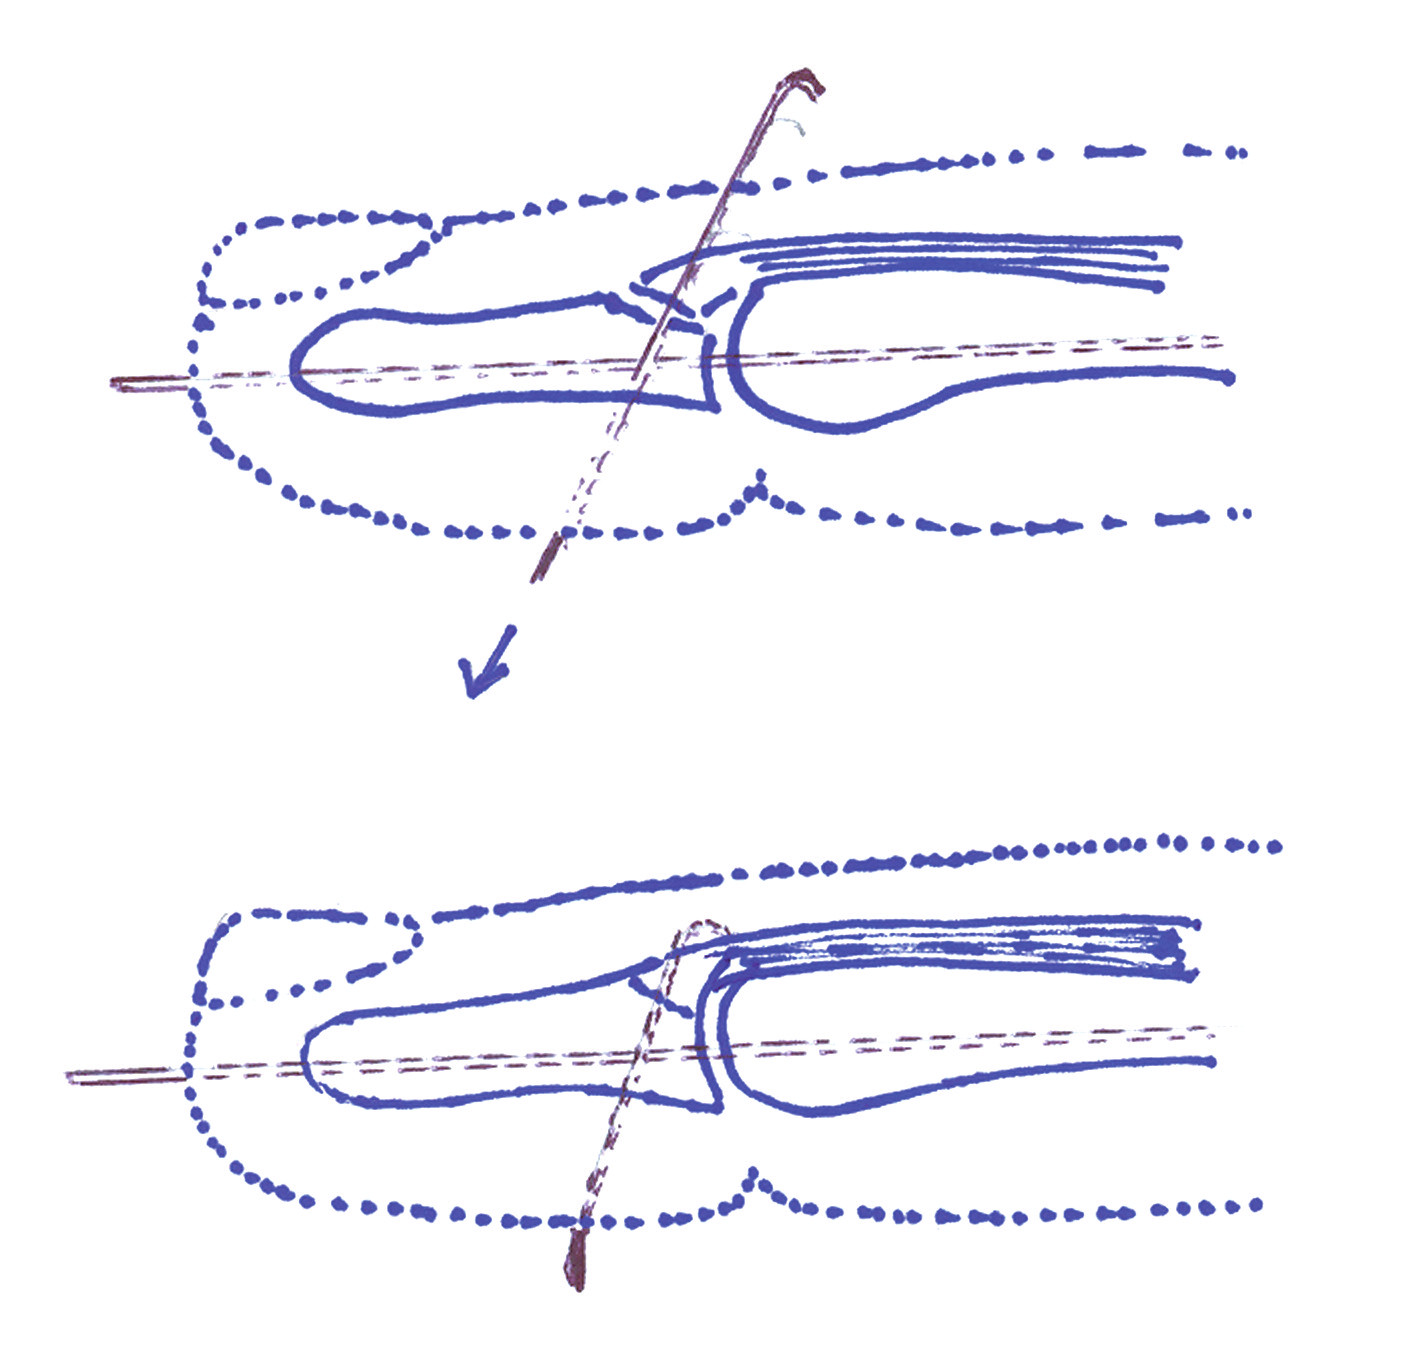 Technika podle Badii a Riana. Perkutánní fixace distálního článku v dorzální flexi. Následně je druhým K-drátem ohnutým do tvaru háčku perkutánně fixován odtržený fragment a palmárně zakrácen do úrovně kůže.